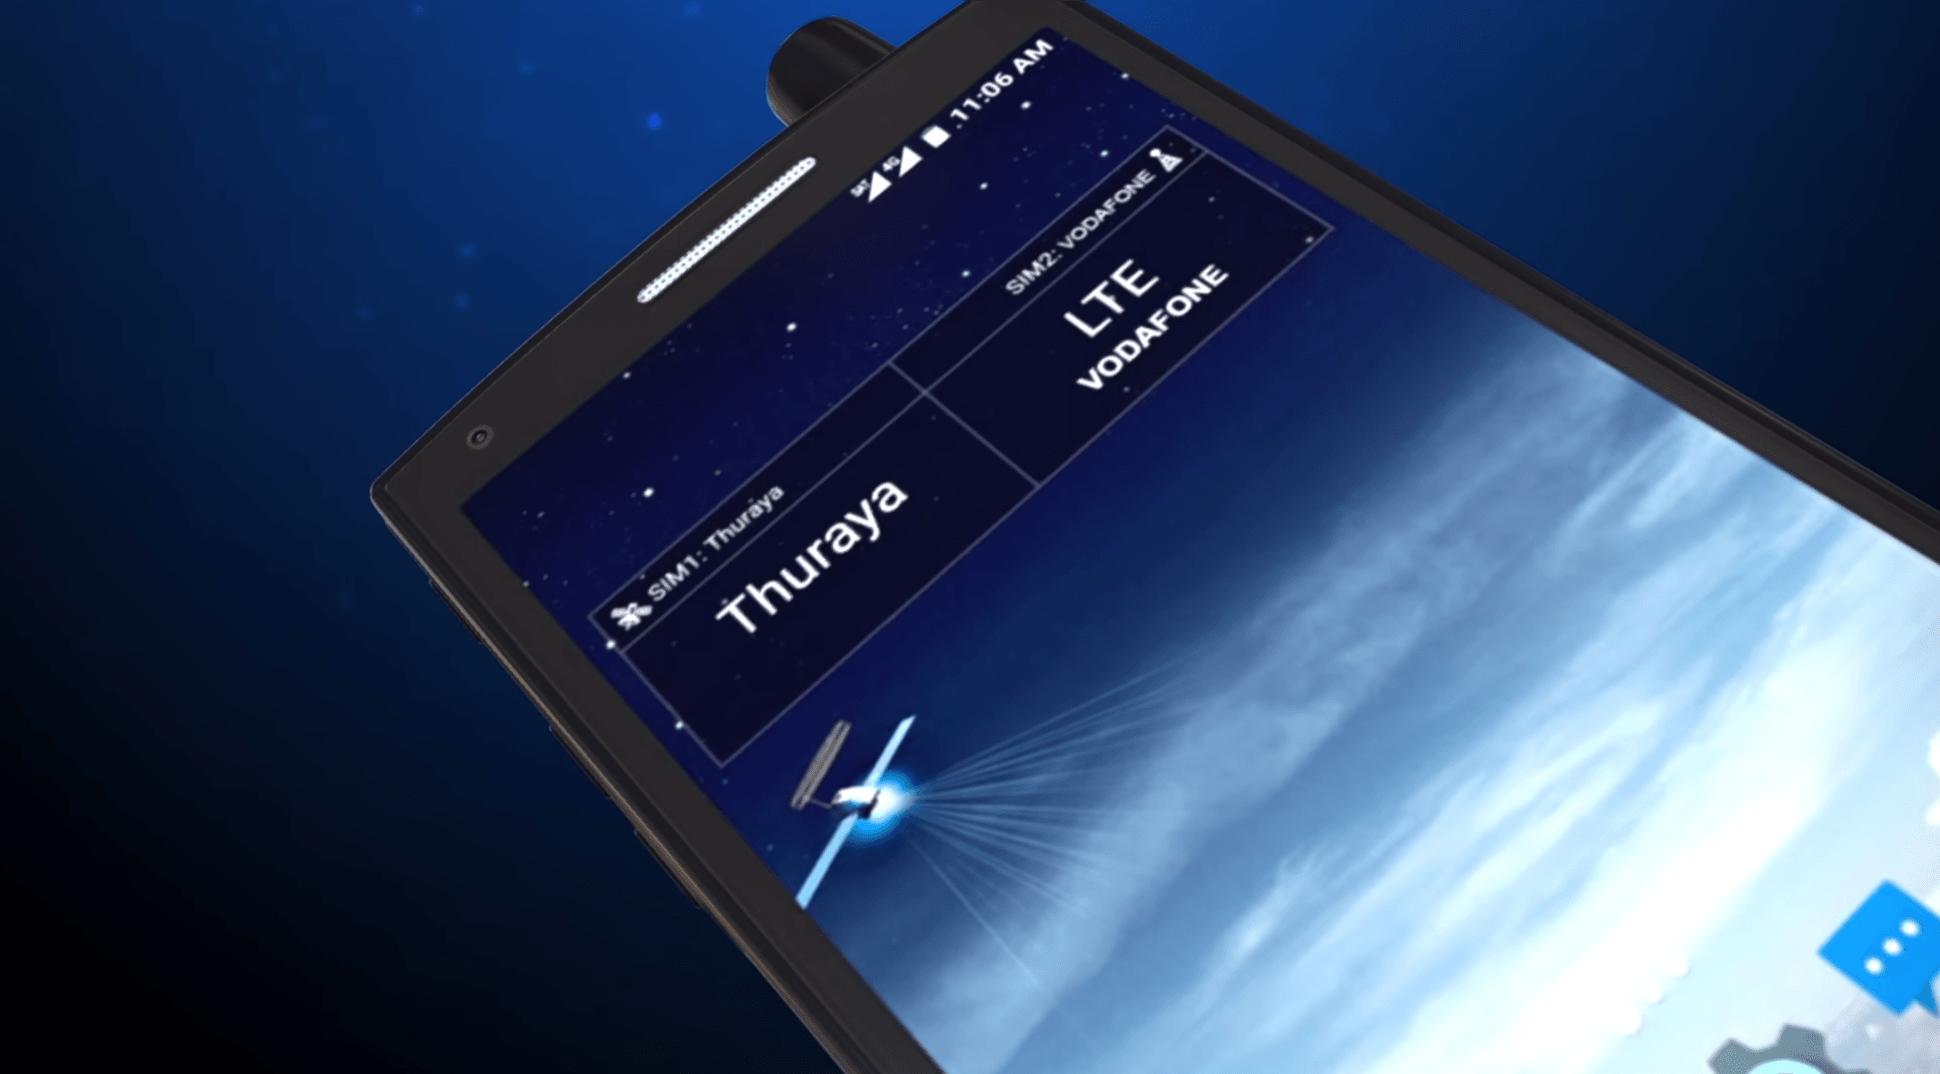 Poręczny telefon satelitarny z Androidem? Oczywiście, że można: oto Thuraya X5-Touch 14